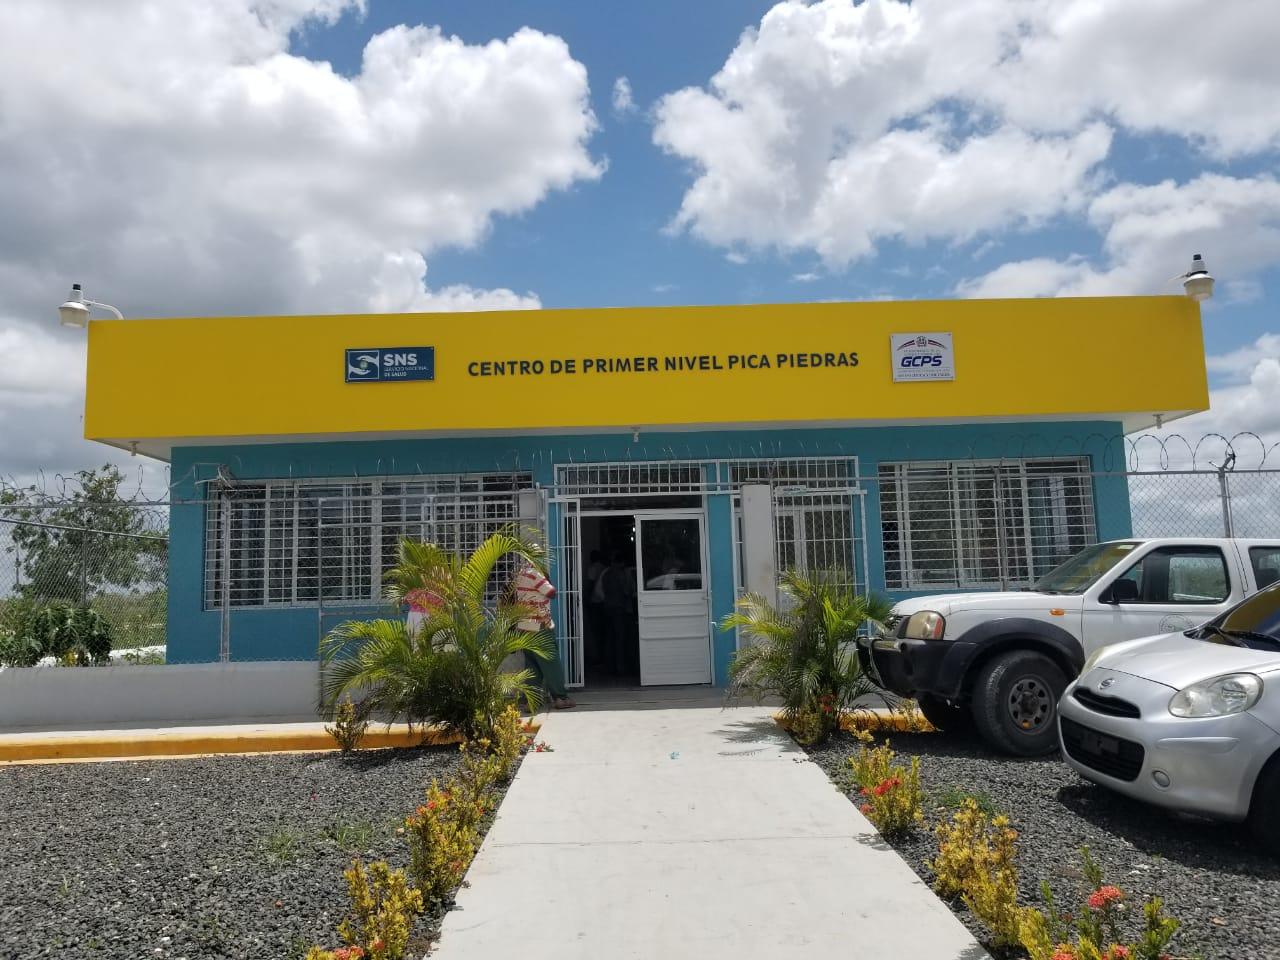 SNS pone en funcionamiento dos nuevos CPN en La Romana construidos por la Vicepresidencia